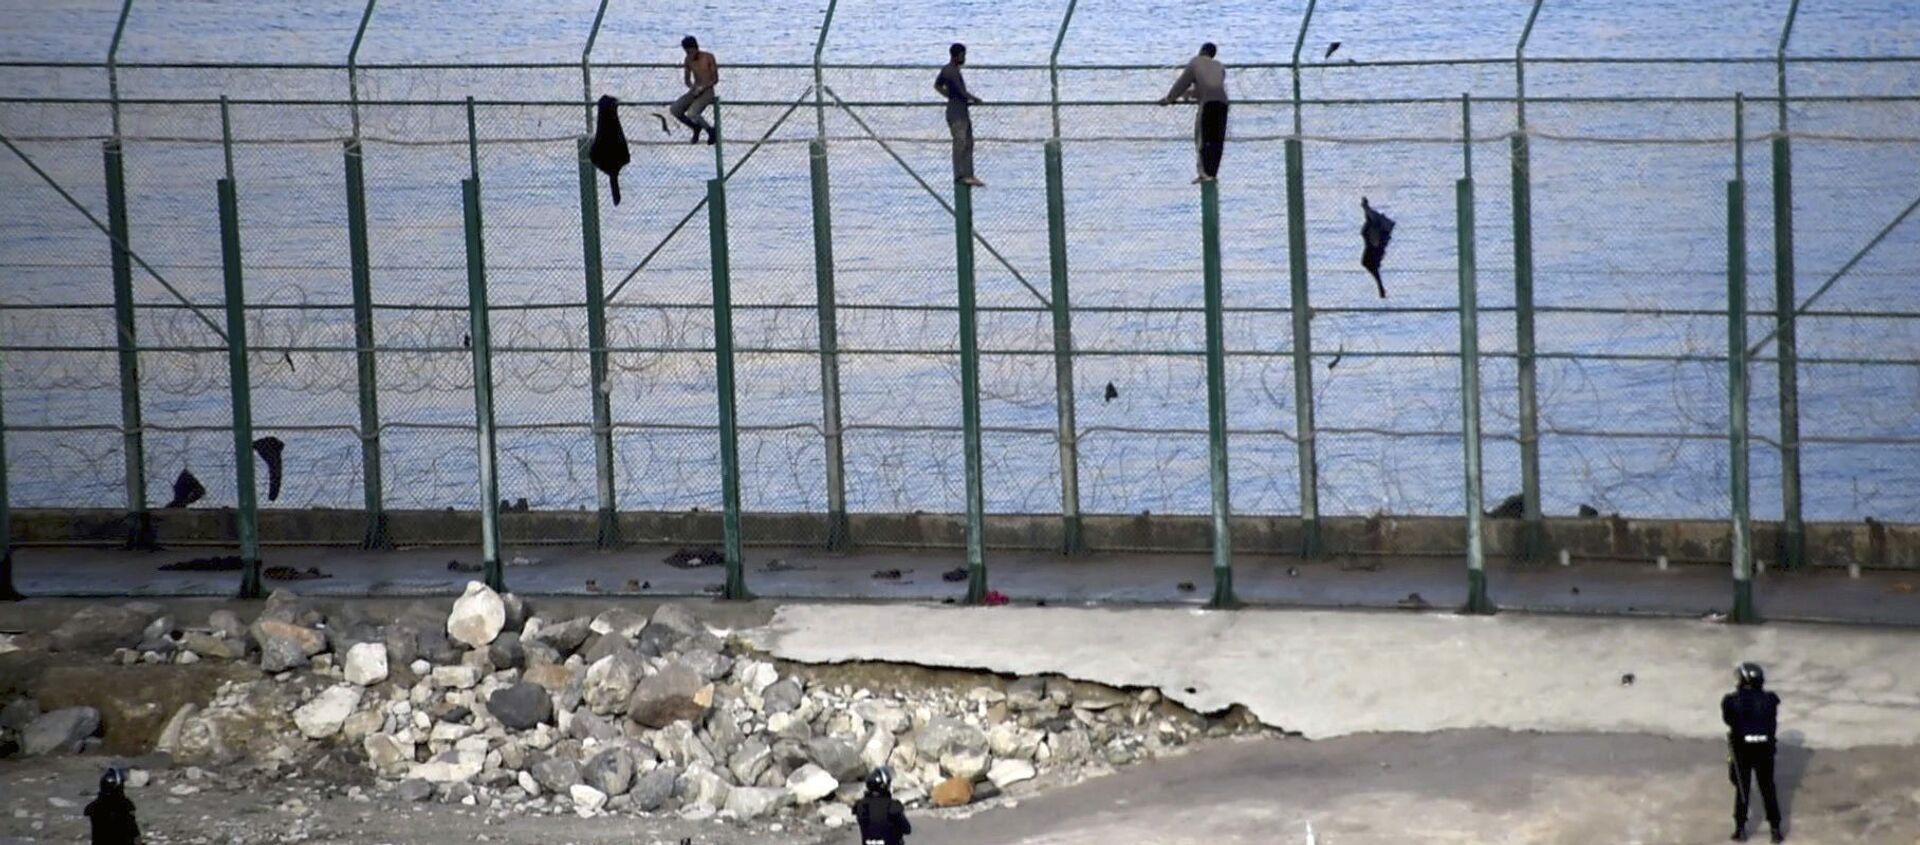 Migrantes en la valla fronteriza que separa la ciudad autónoma española de Ceuta de Marruecos - Sputnik Mundo, 1920, 23.12.2020